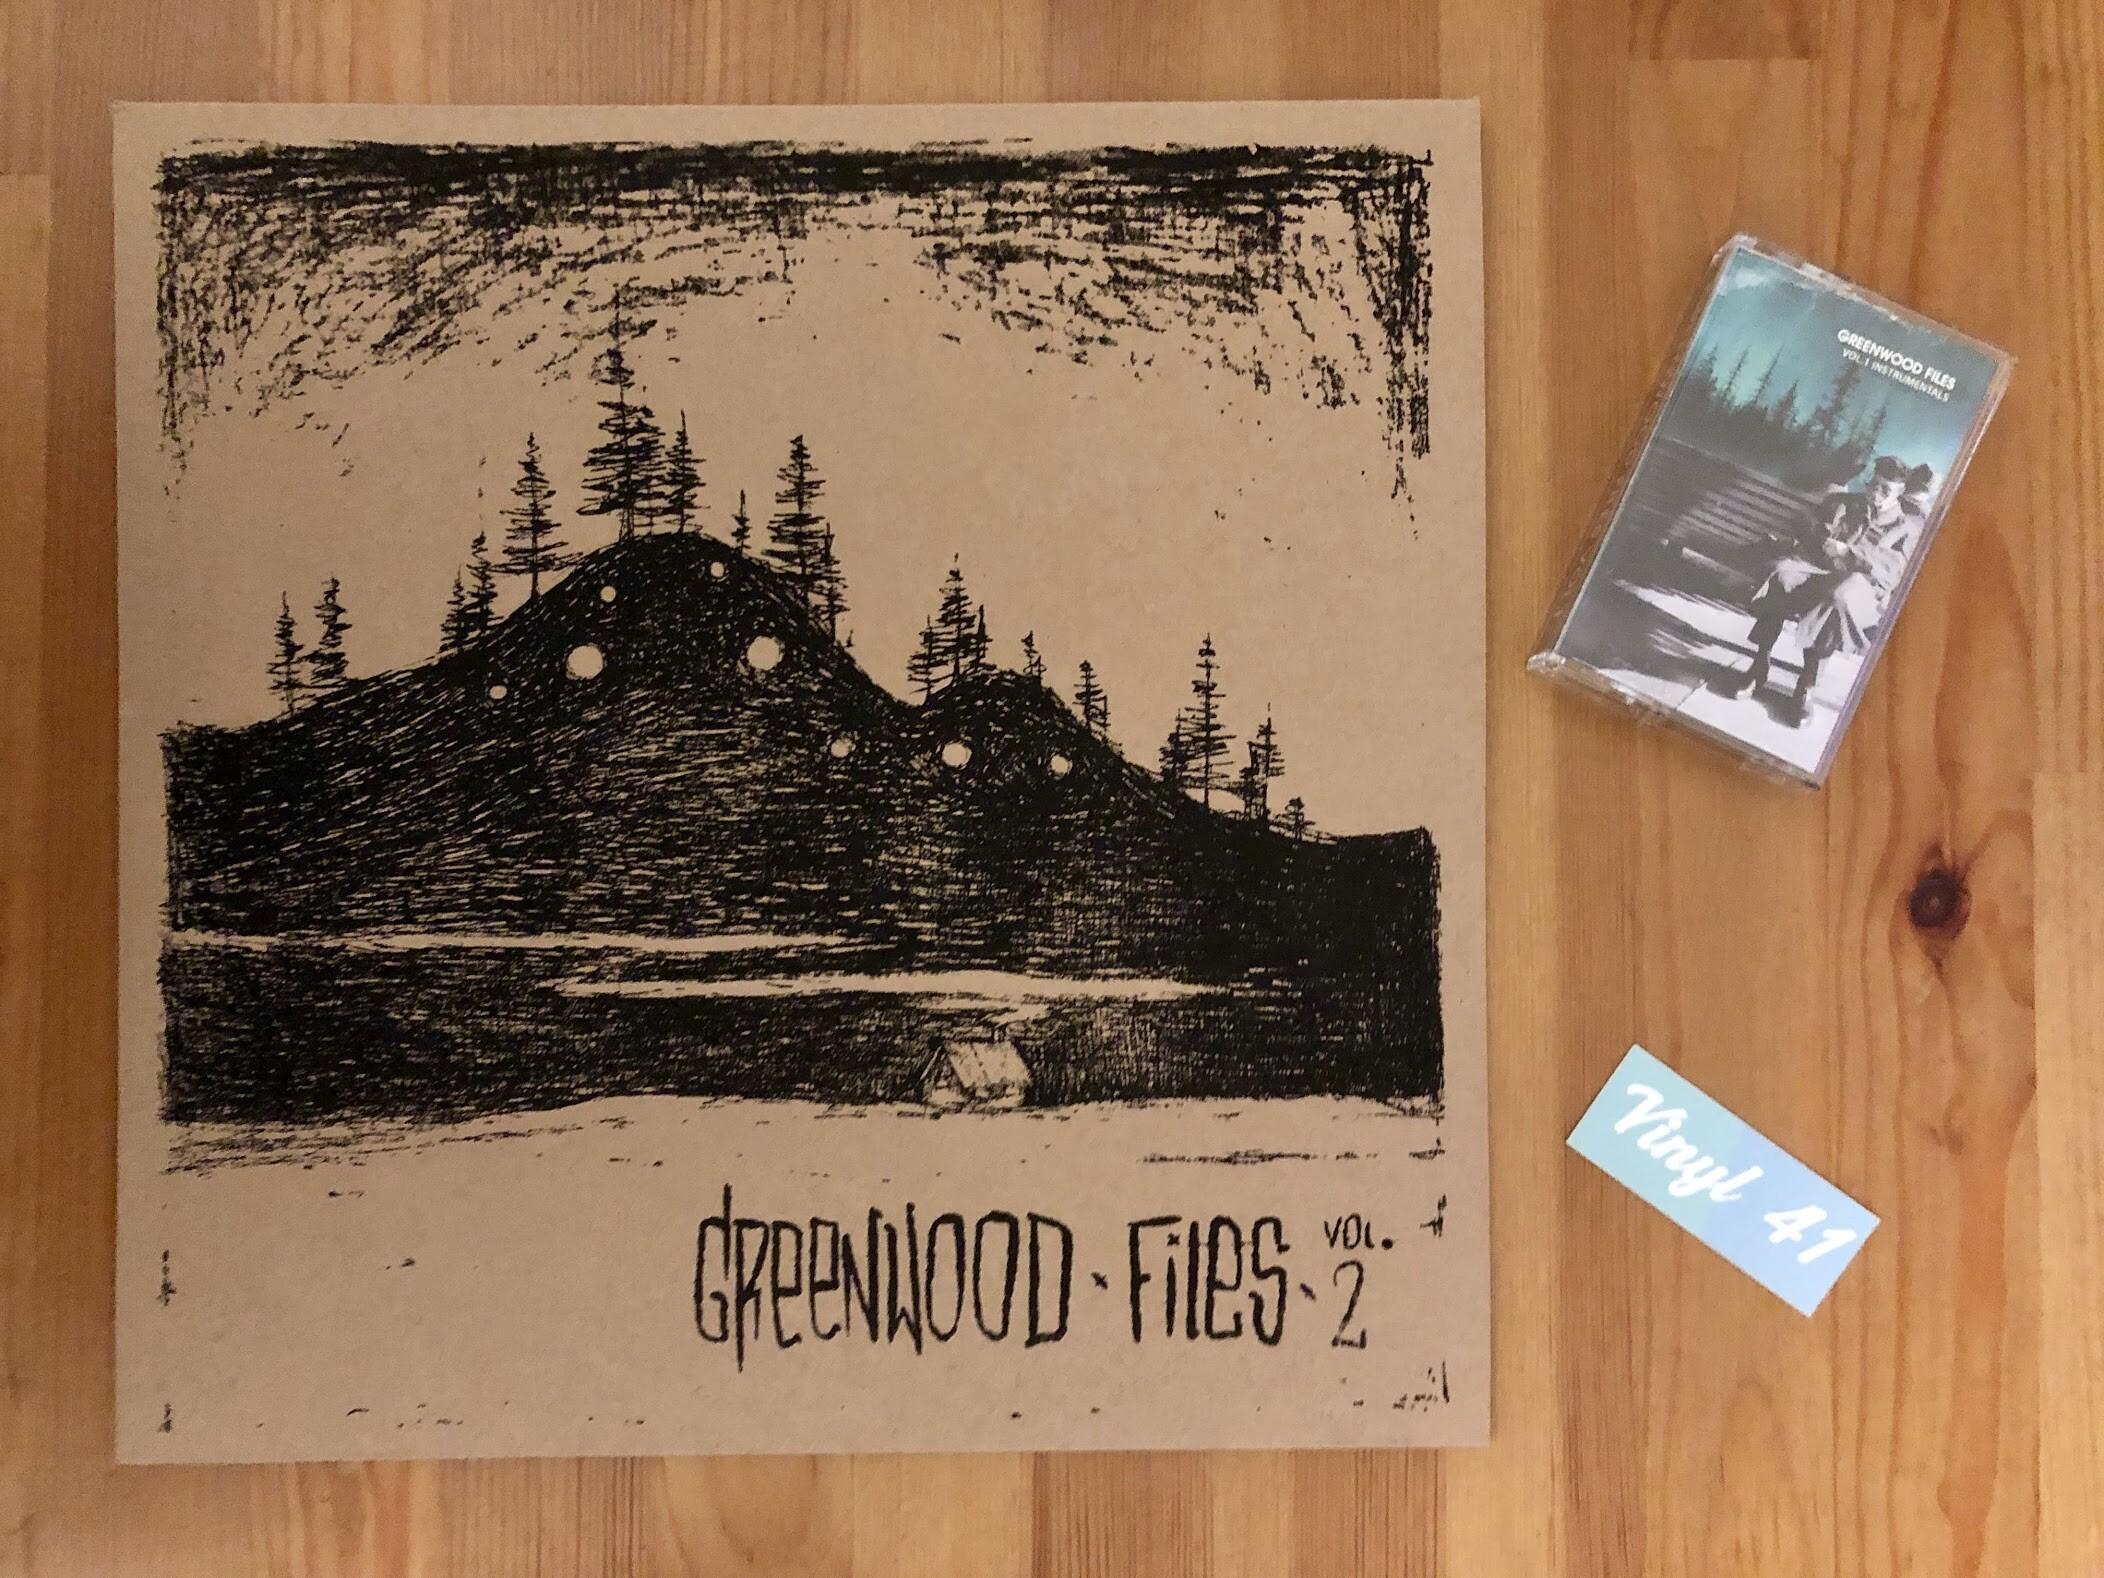 Greenwood Files Vol. 1 und 2